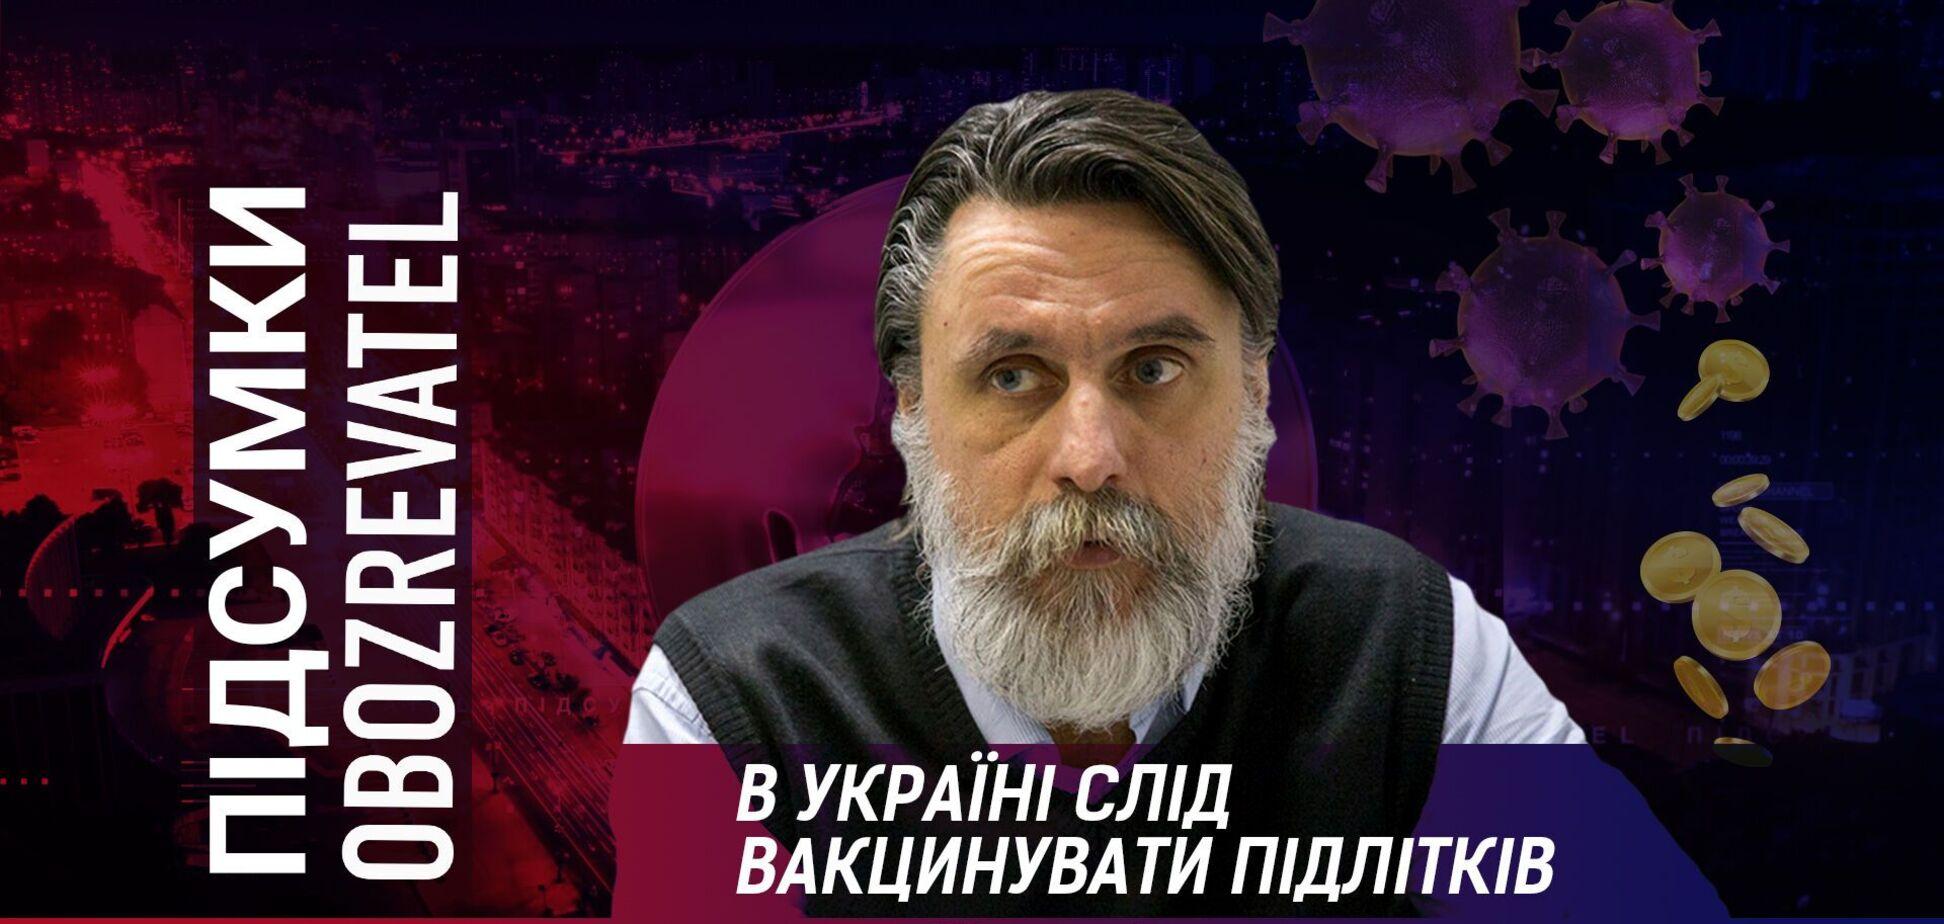 В Украине следует вакцинировать детей, – профессор Досенко